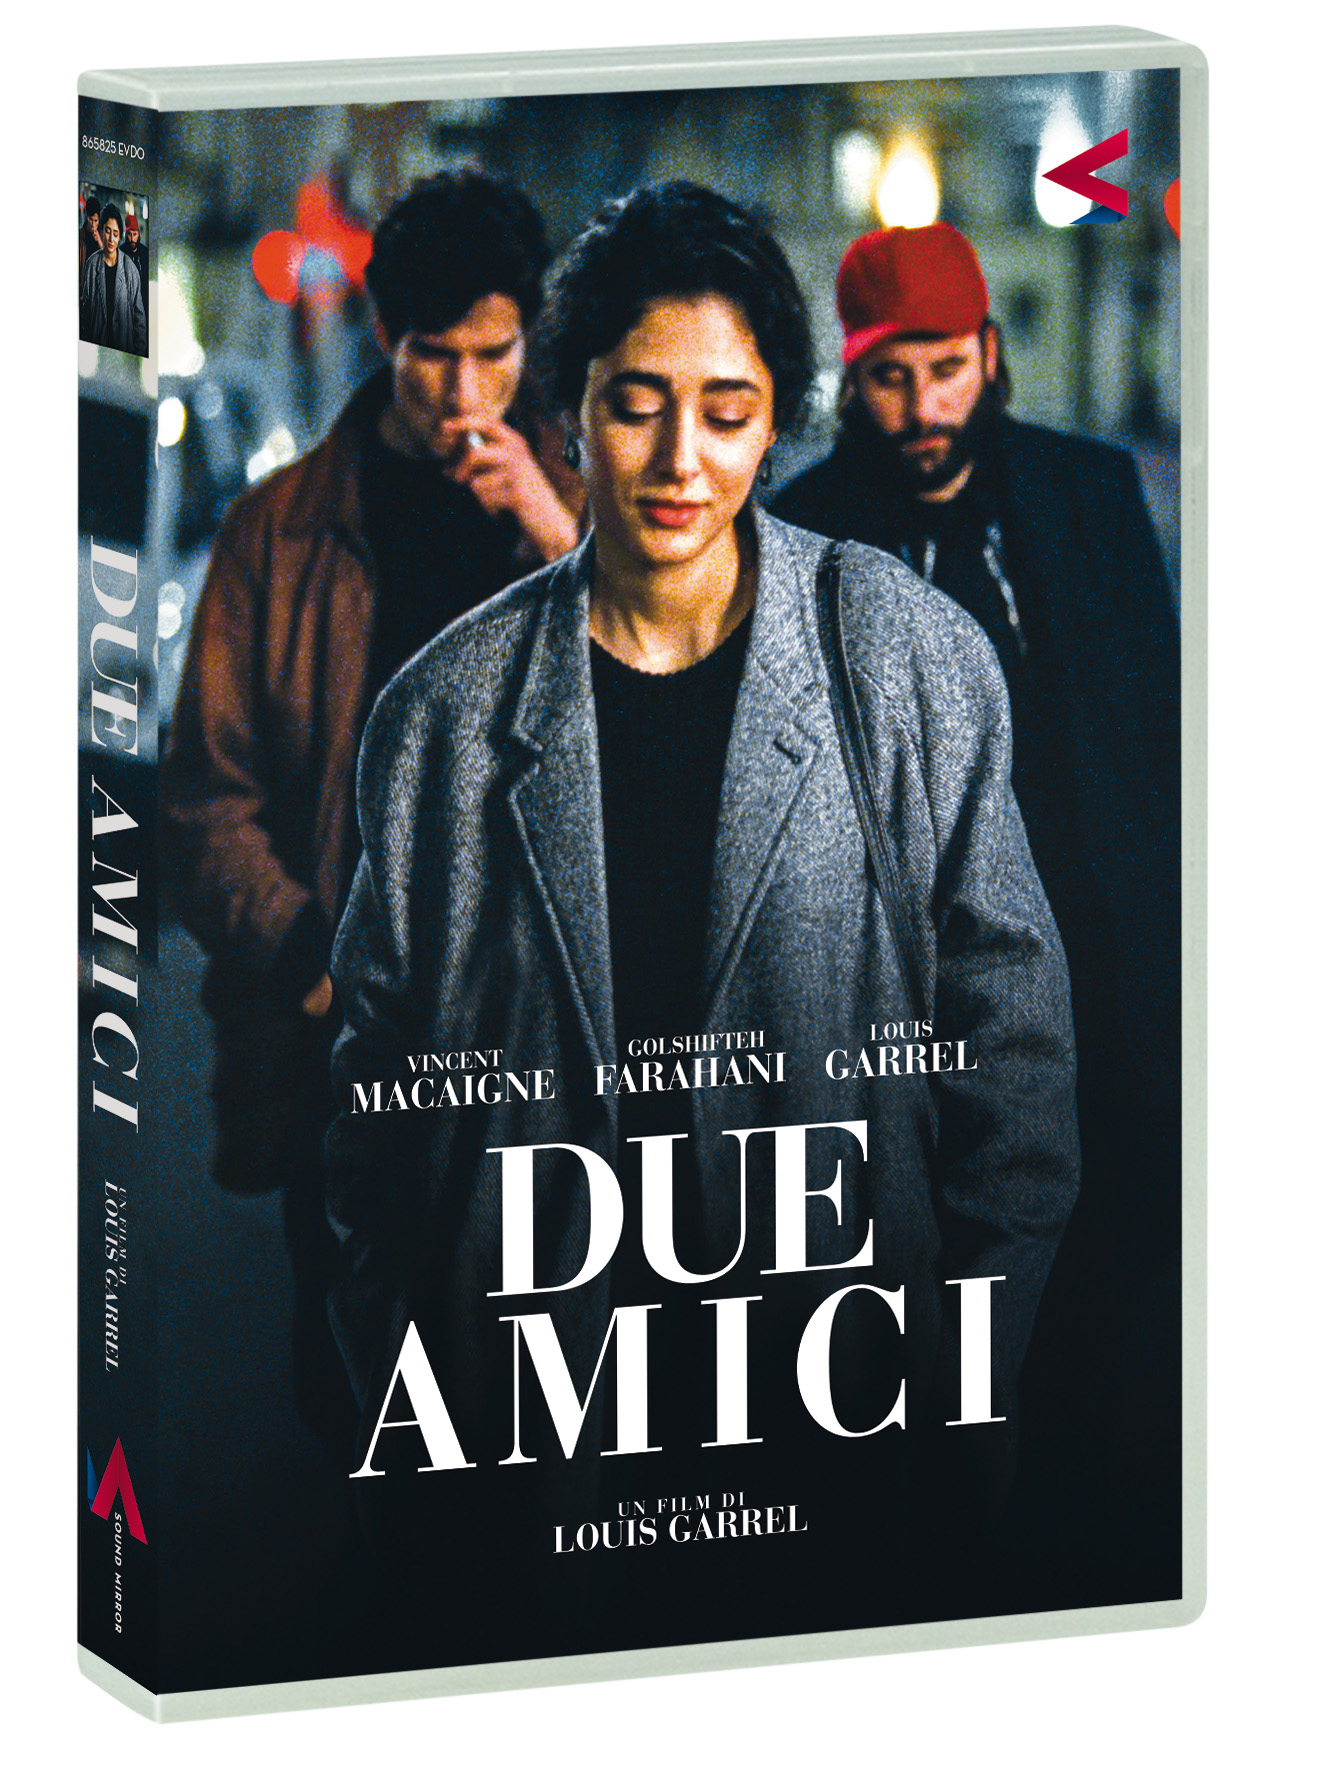 DUE AMICI (DVD)